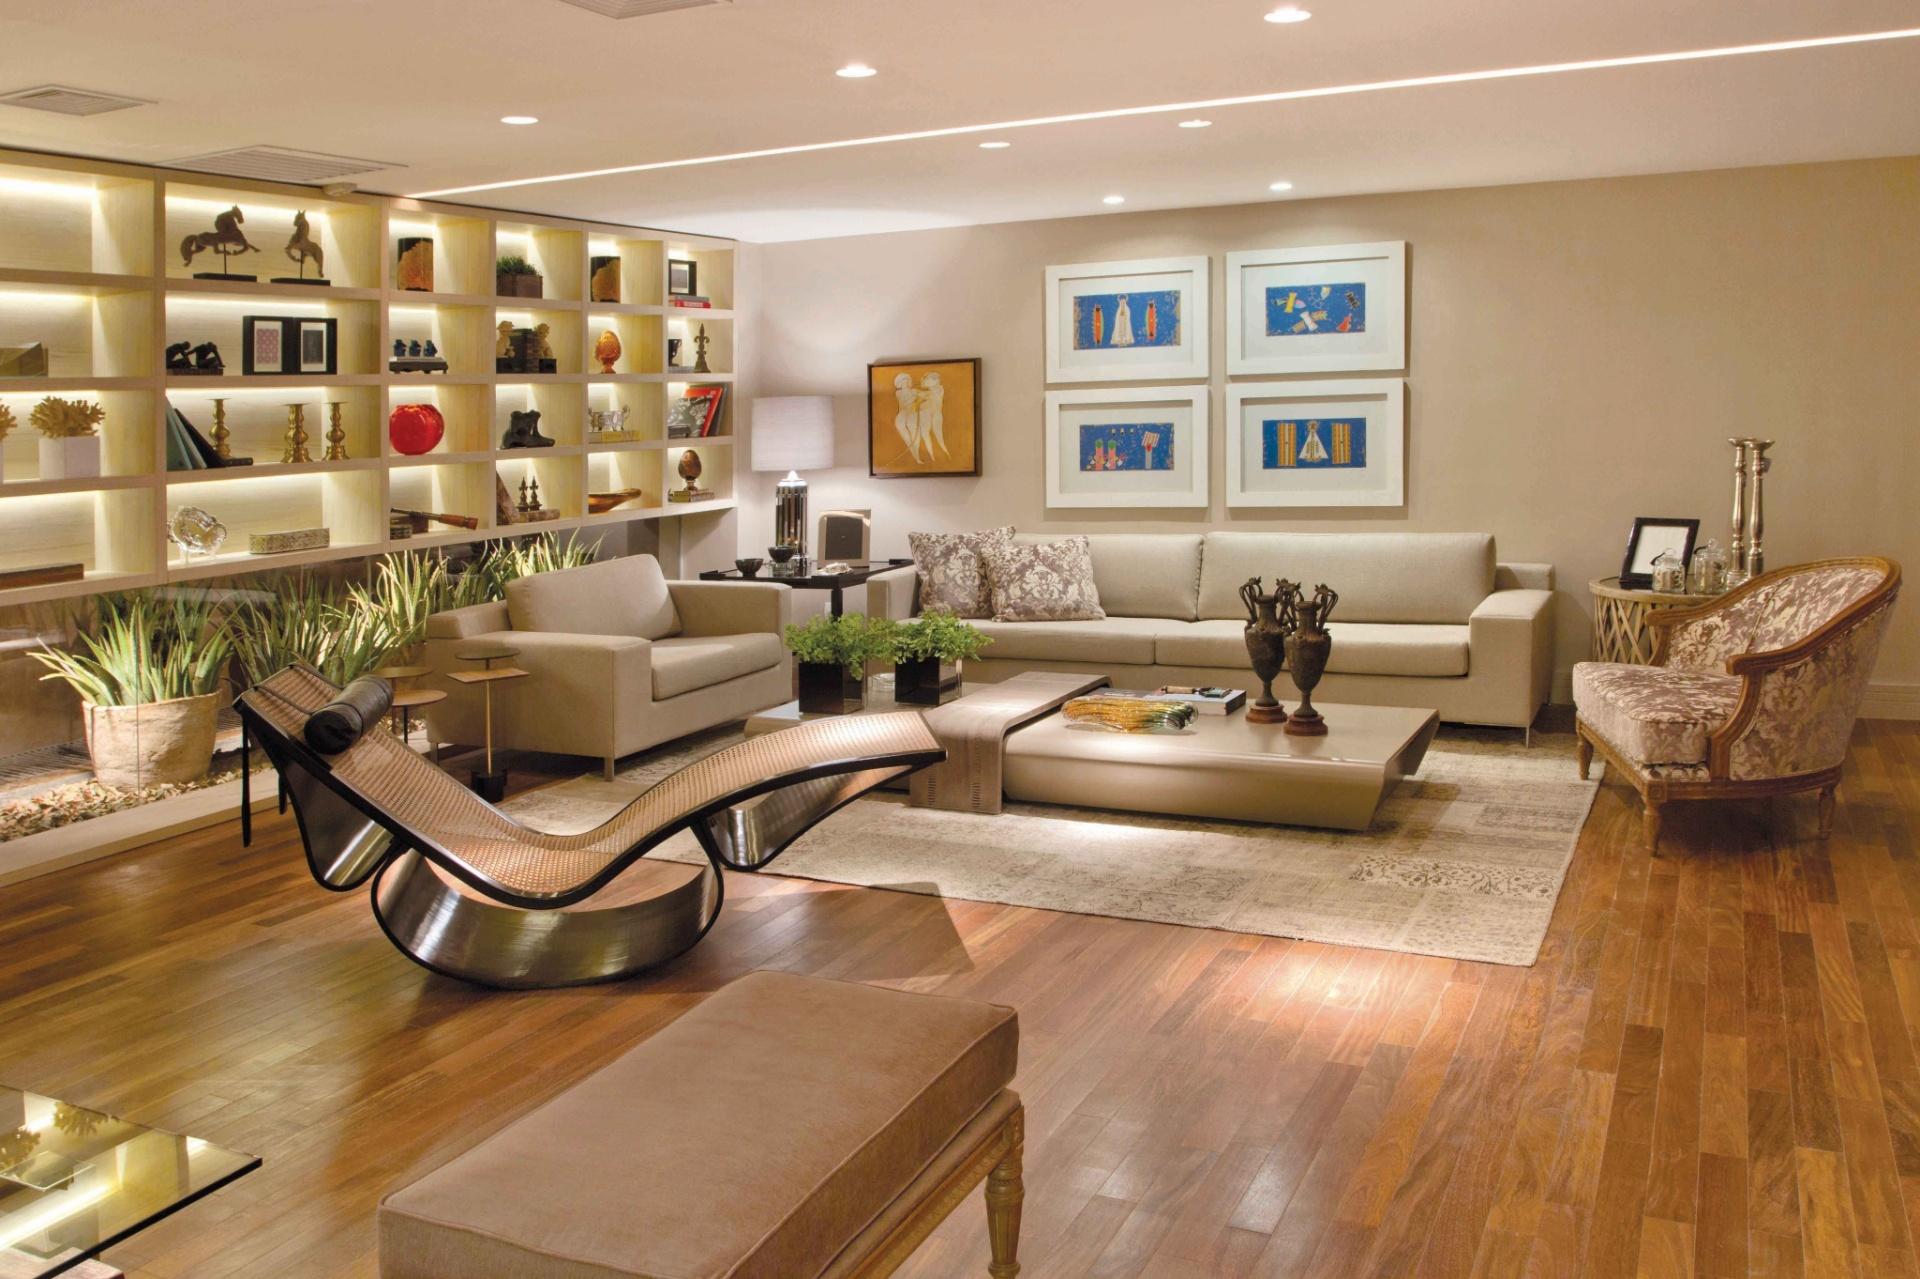 Os arquitetos Hélio Albuquerque e Sonia Peres são os responsáveis pelo amplo Living com 90 m². Destaque para as grandes estantes do ambiente, bem como para a chaise longue